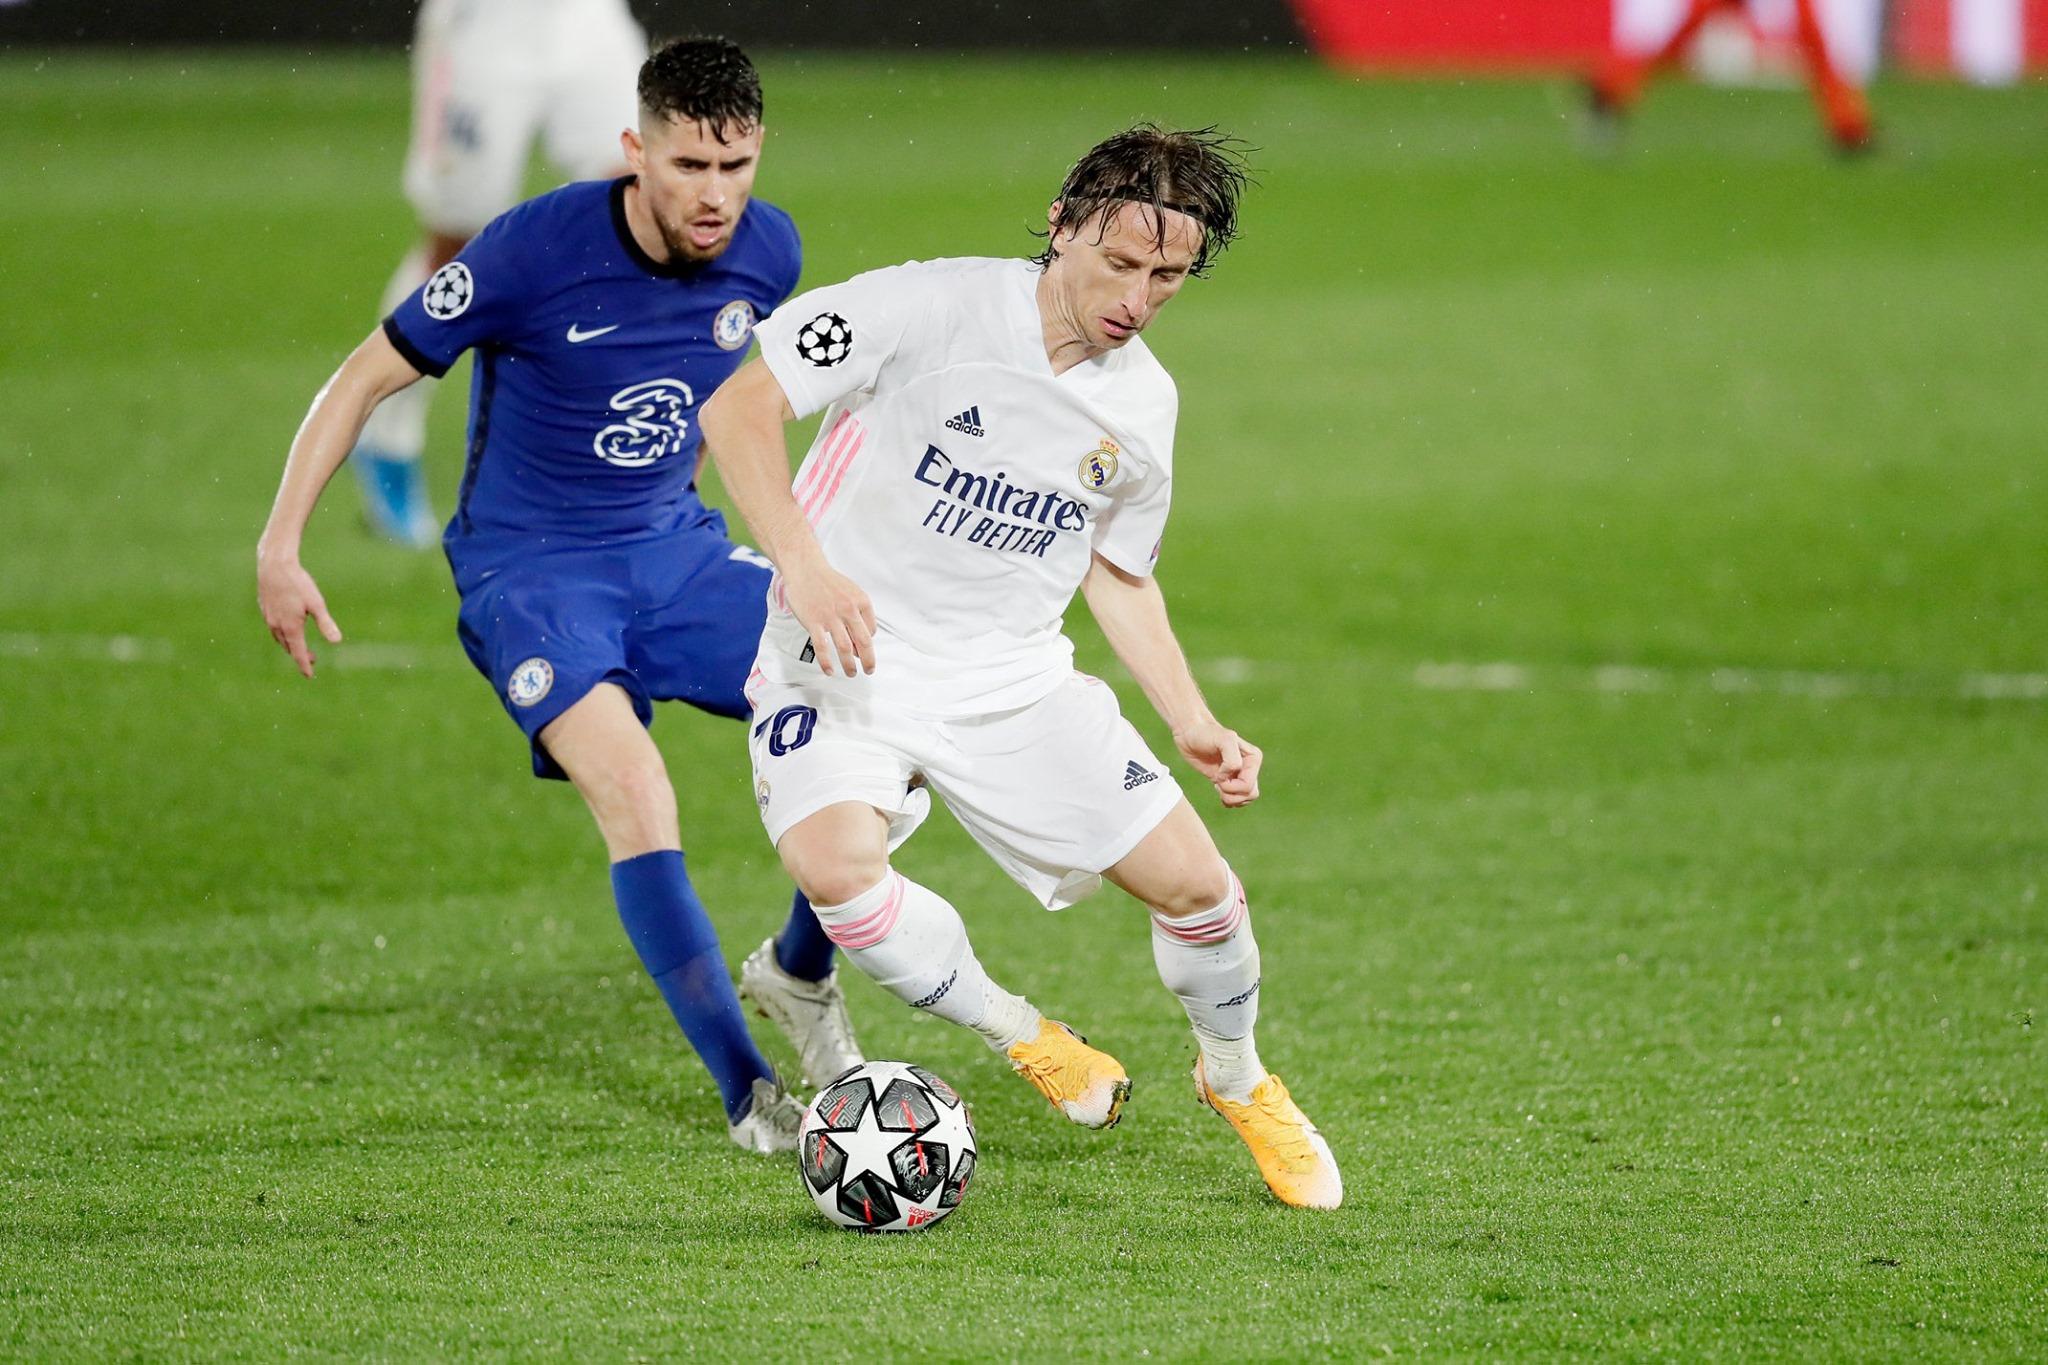 عصبة أبطال أوروبا: تشيلسي يفرض التعادل على ريال مدريد في ذهاب نصف النهائي